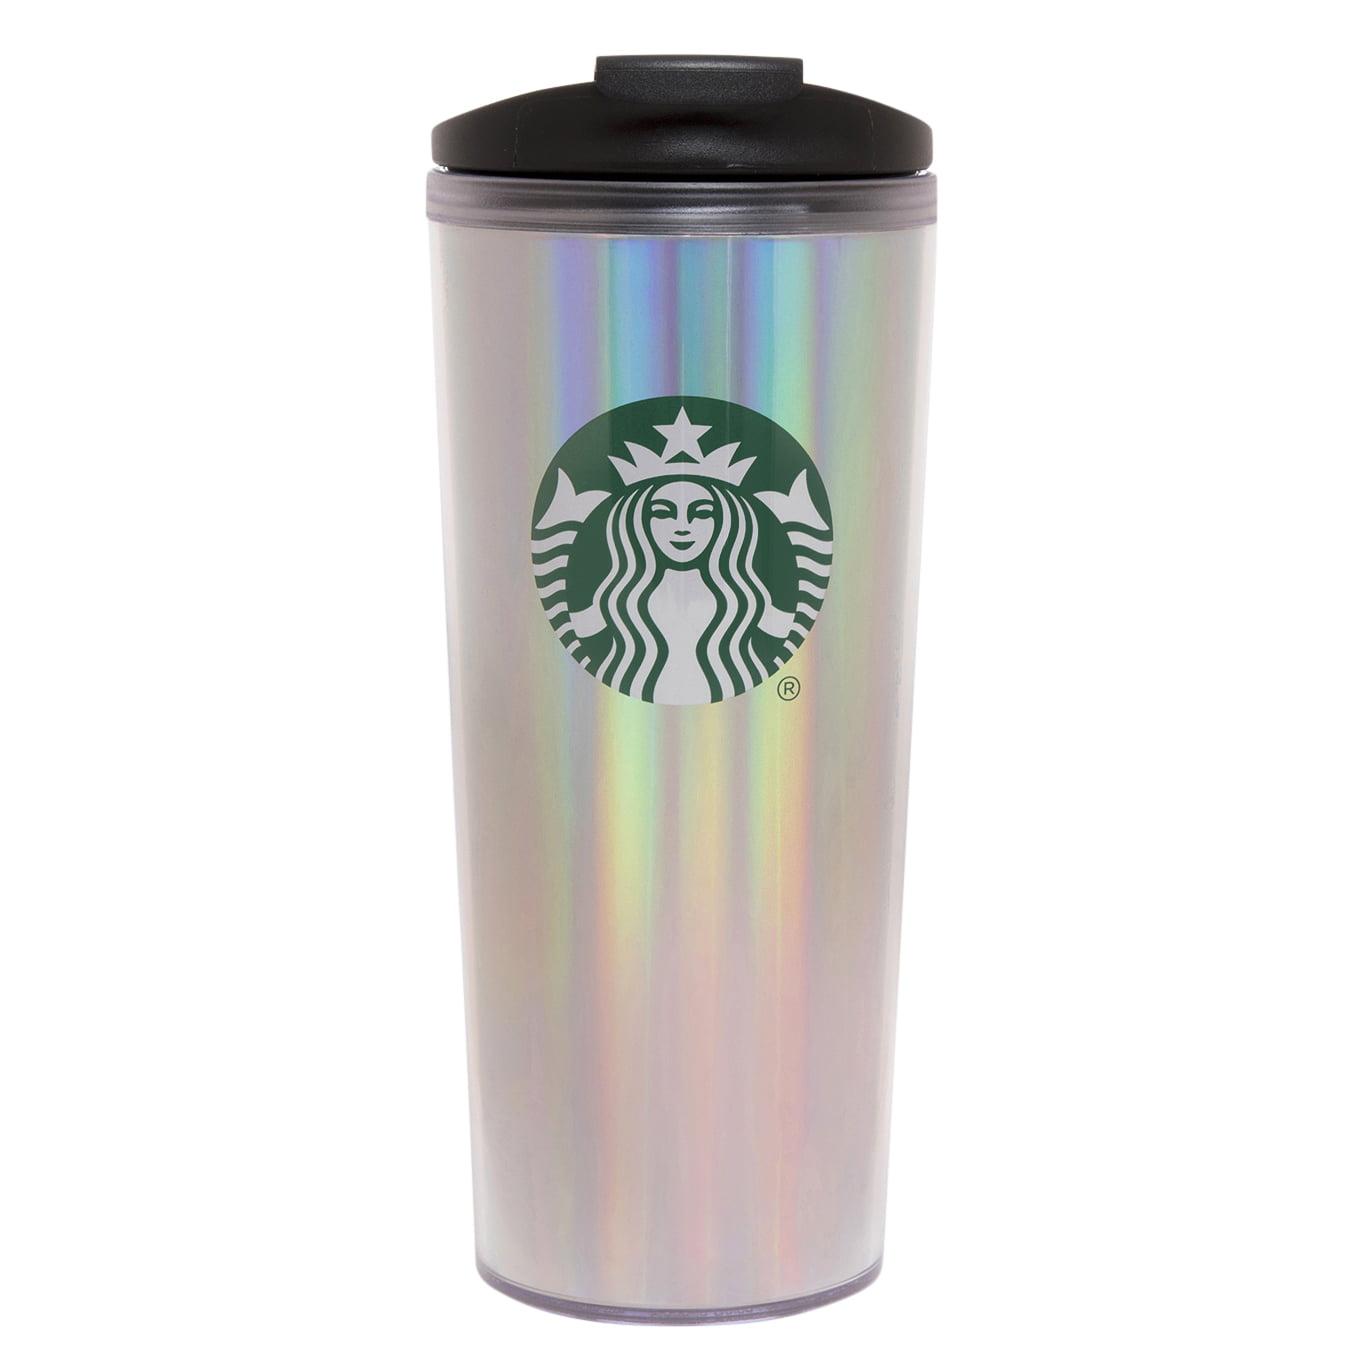 Starbucks 16oz Plastic Tumbler Iridescent